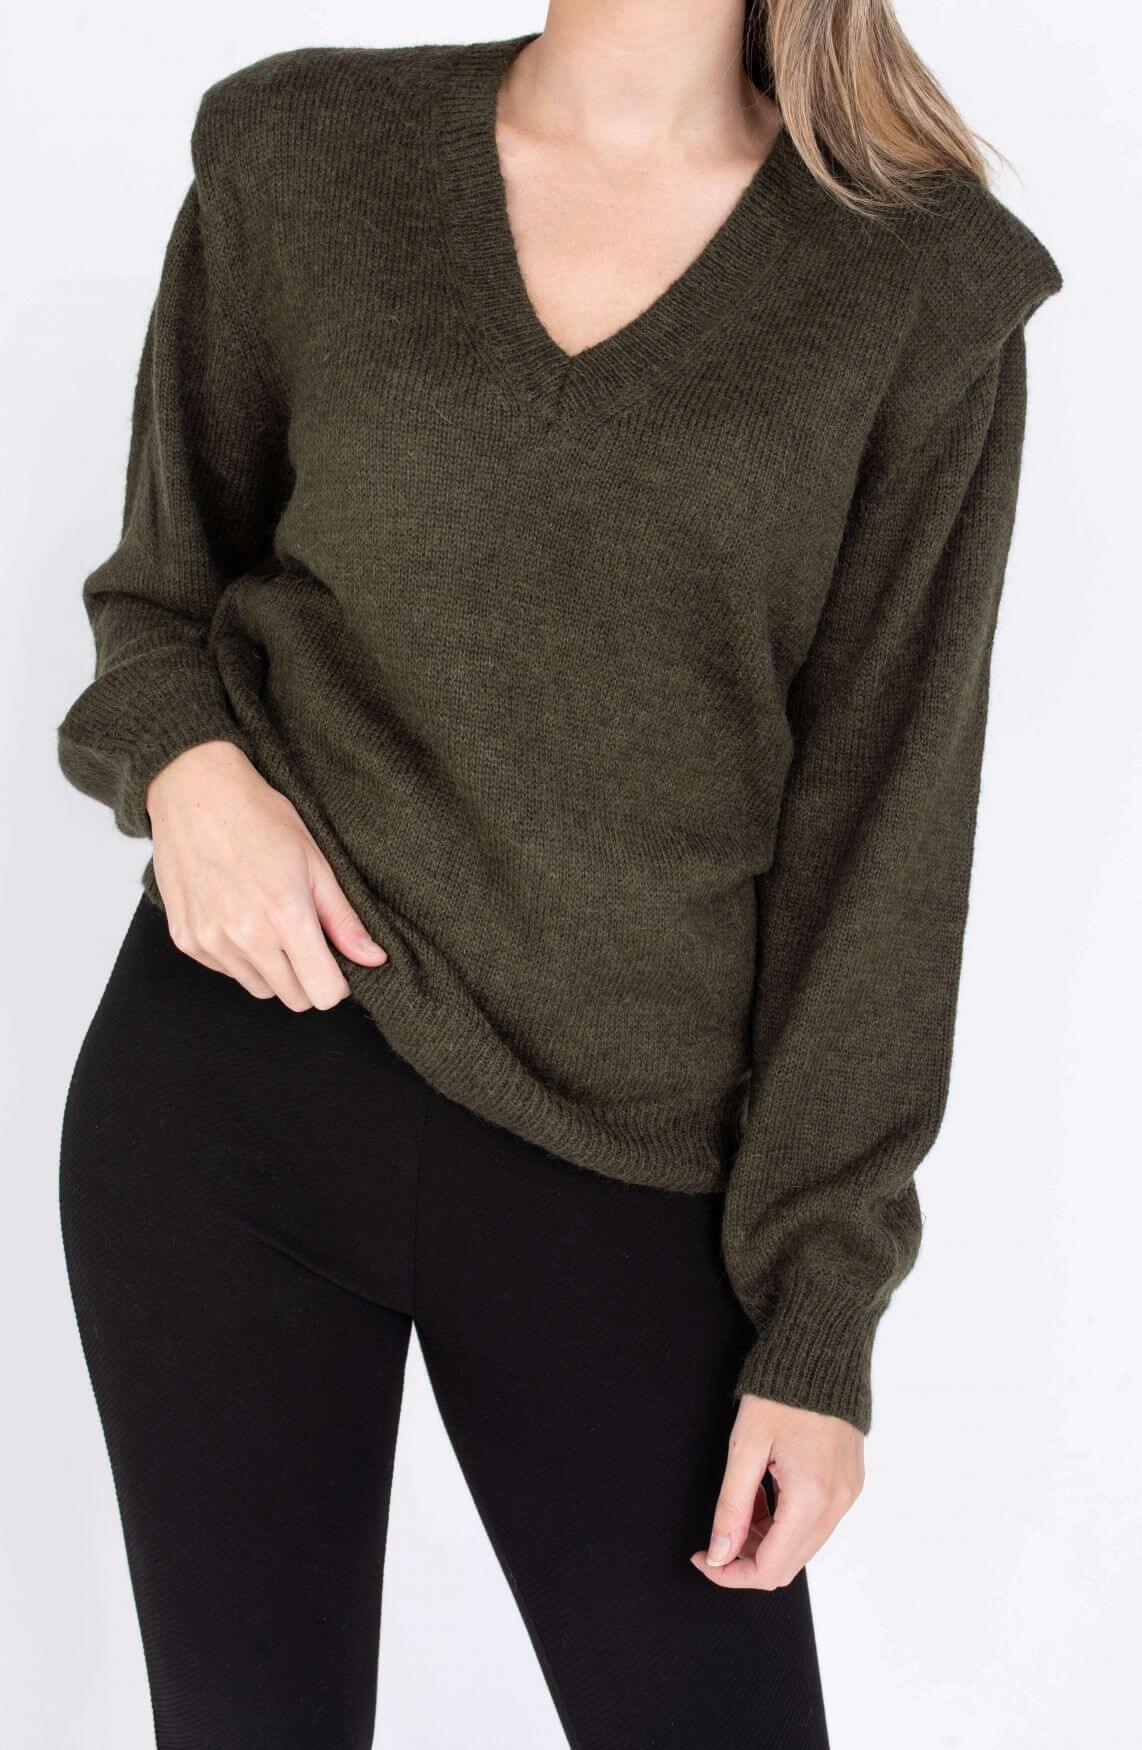 Alix The Label Dames Gebreide trui met schoudervulling Groen